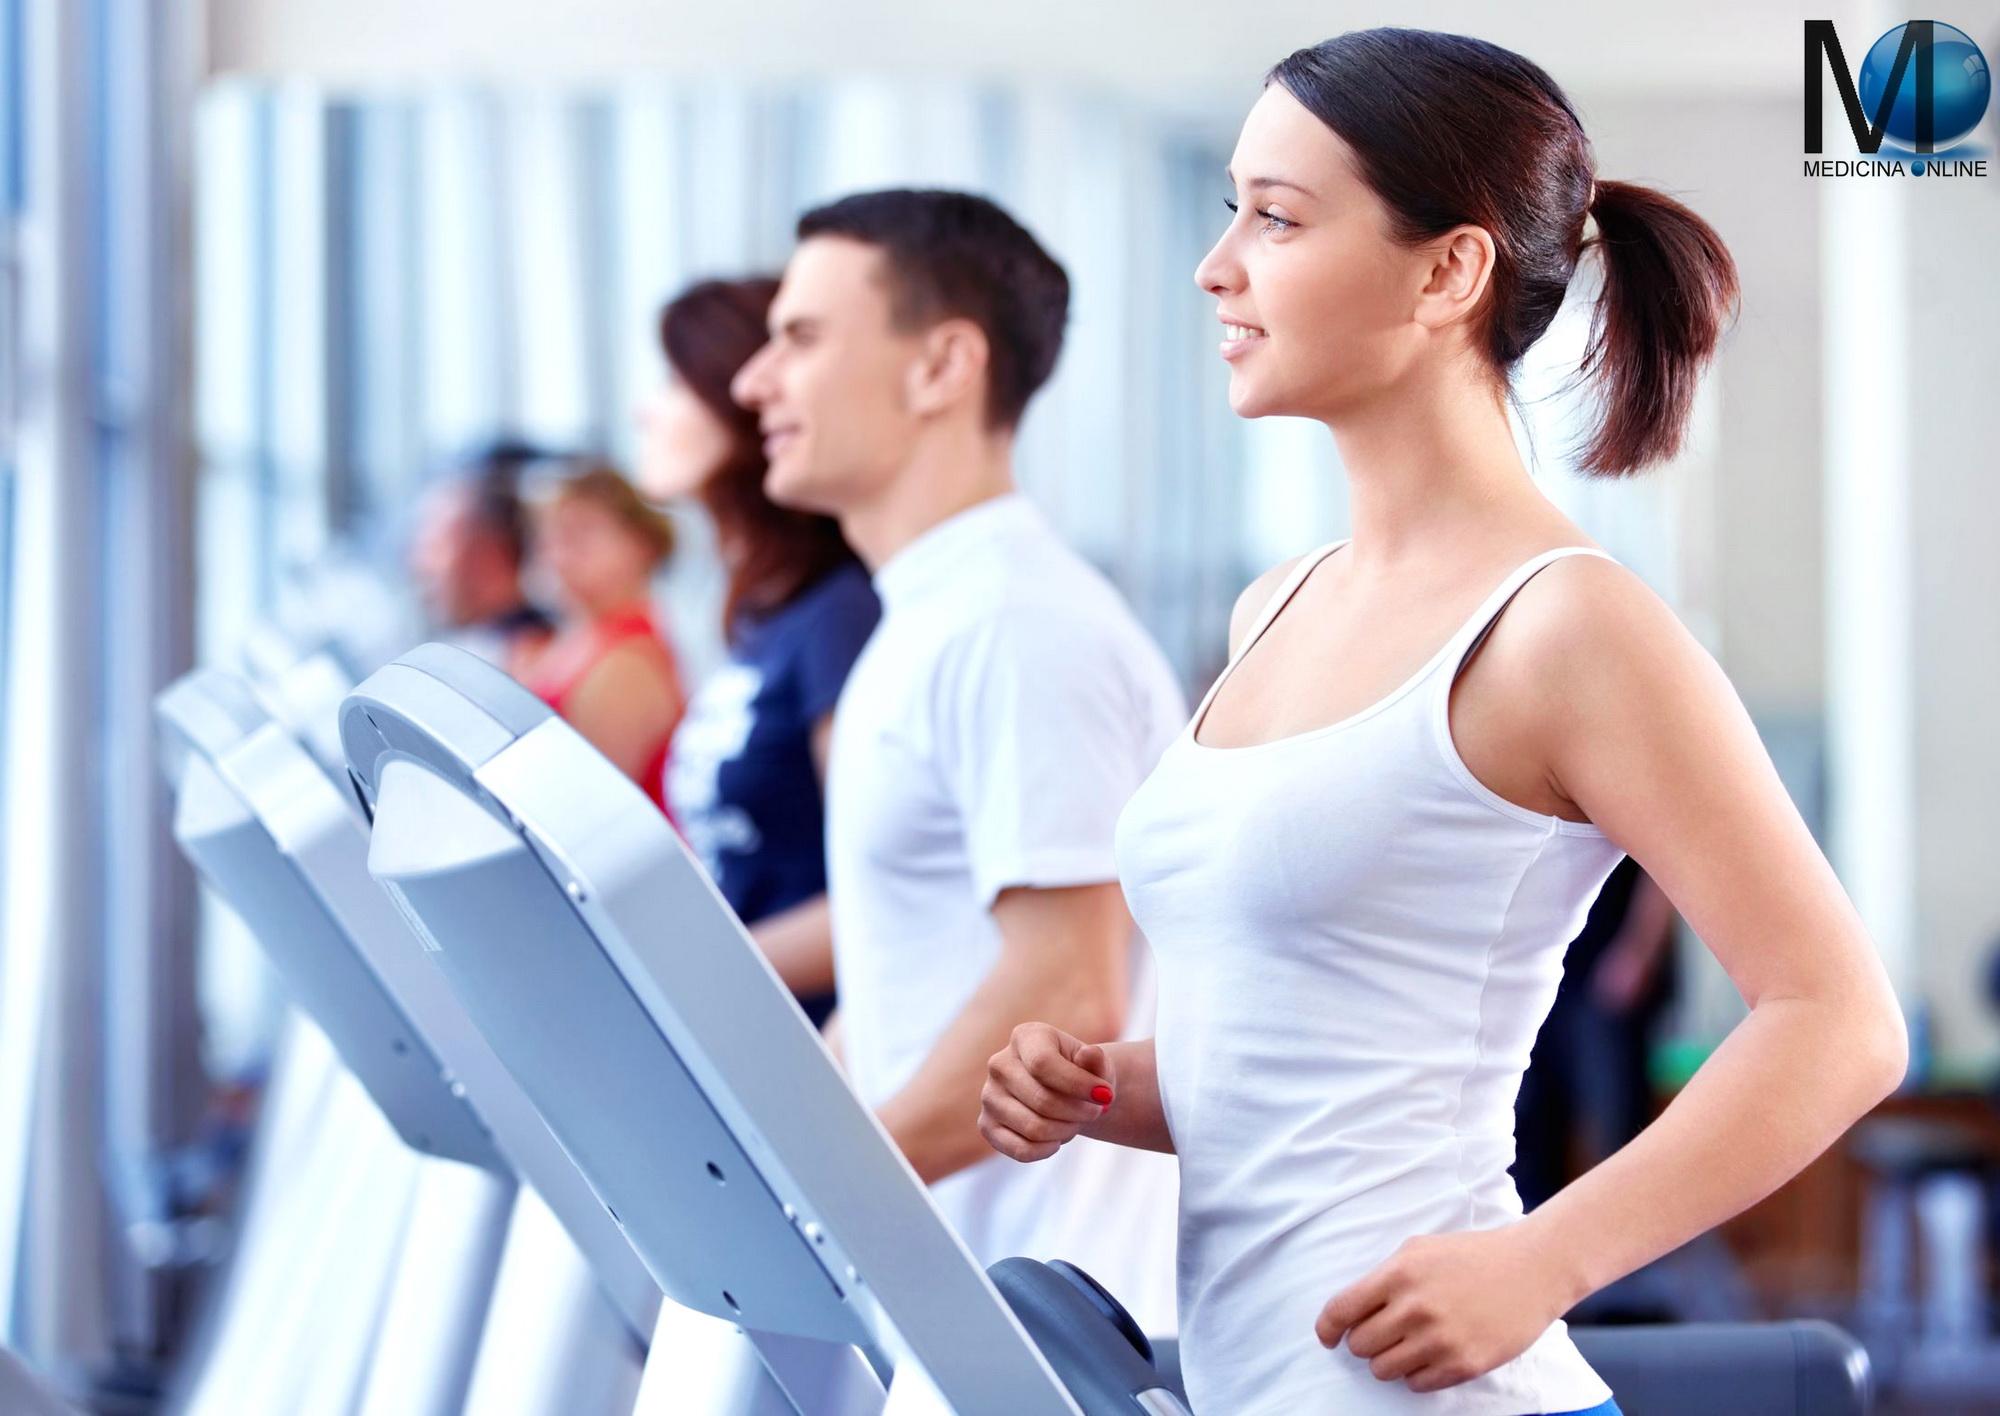 come perdere peso con cardio o pesi